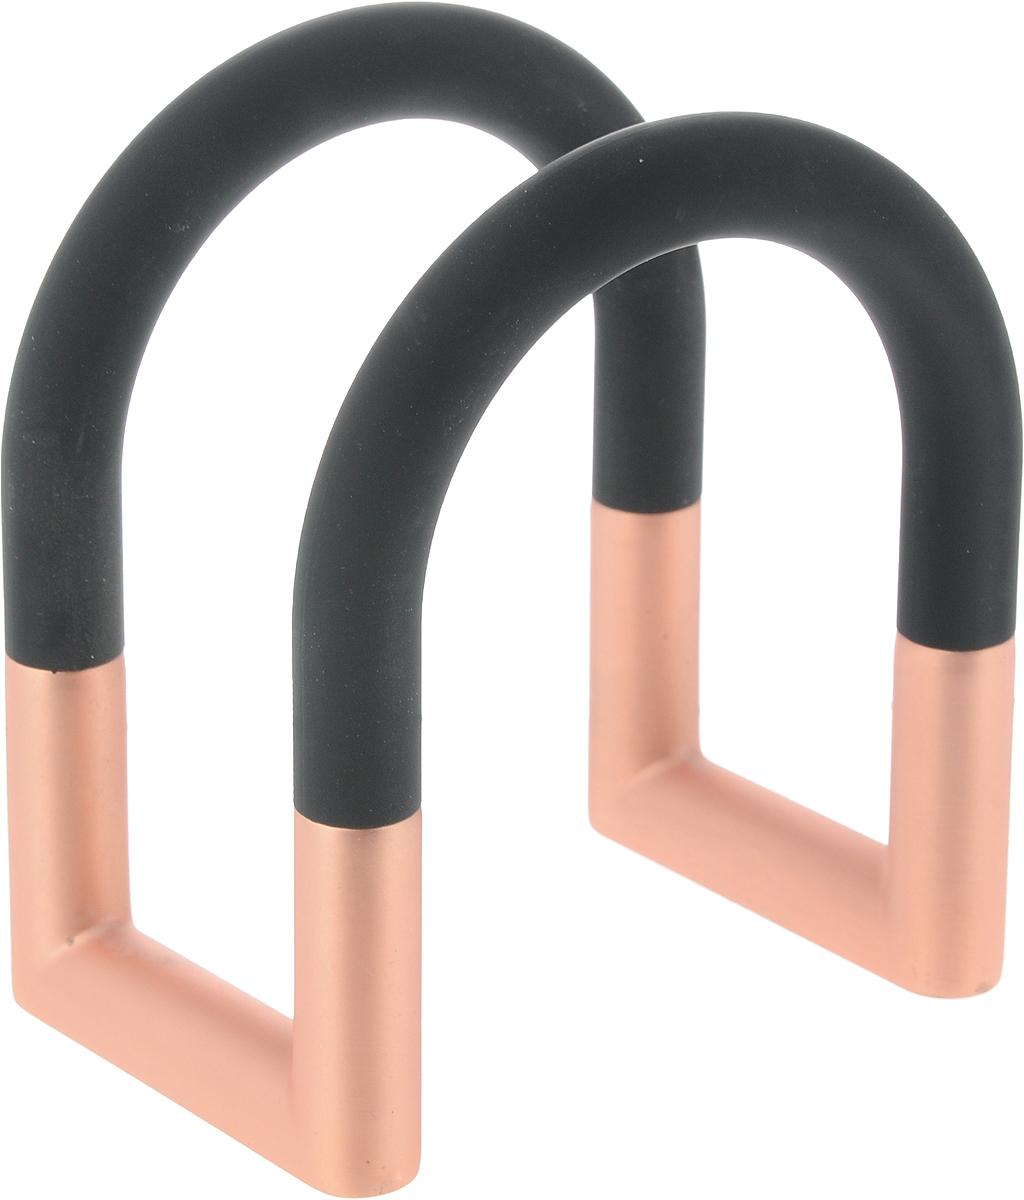 Салфетница Umbra Swivel, цвет: черный, медный, 11,5 х 6,9 х 9,6 см330705-880Ни один званый ужин или праздничный обед не обходится без салфеток, поэтому к выбору этого изделия следует подойти обдуманно. Салфетница Umbra Swivel изготовлена из пластика и шлифованного металла с пружинным механизмом. Данная модель прочна и устойчива к деформации. Благодаря пружинному механизму вы сможете разместить нужное количество салфеток. Салфетница вытягивается по диагонали, что уменьшает расстояние внутри. Дно оснащено резиновыми ножками, что предотвратит скольжение салфетницы по столу.Салфетница Umbra Swivel - это не только прекрасный подарок близкому человеку или друзьям, но и великолепный предмет декора, наполняющий ваш дом уютом и гармонией. Она поможет оформить стол так, чтобы все гости могли почувствовать радостное ощущение праздника.Размер салфетницы: 11,5 х 6,9 х 9,6 см.